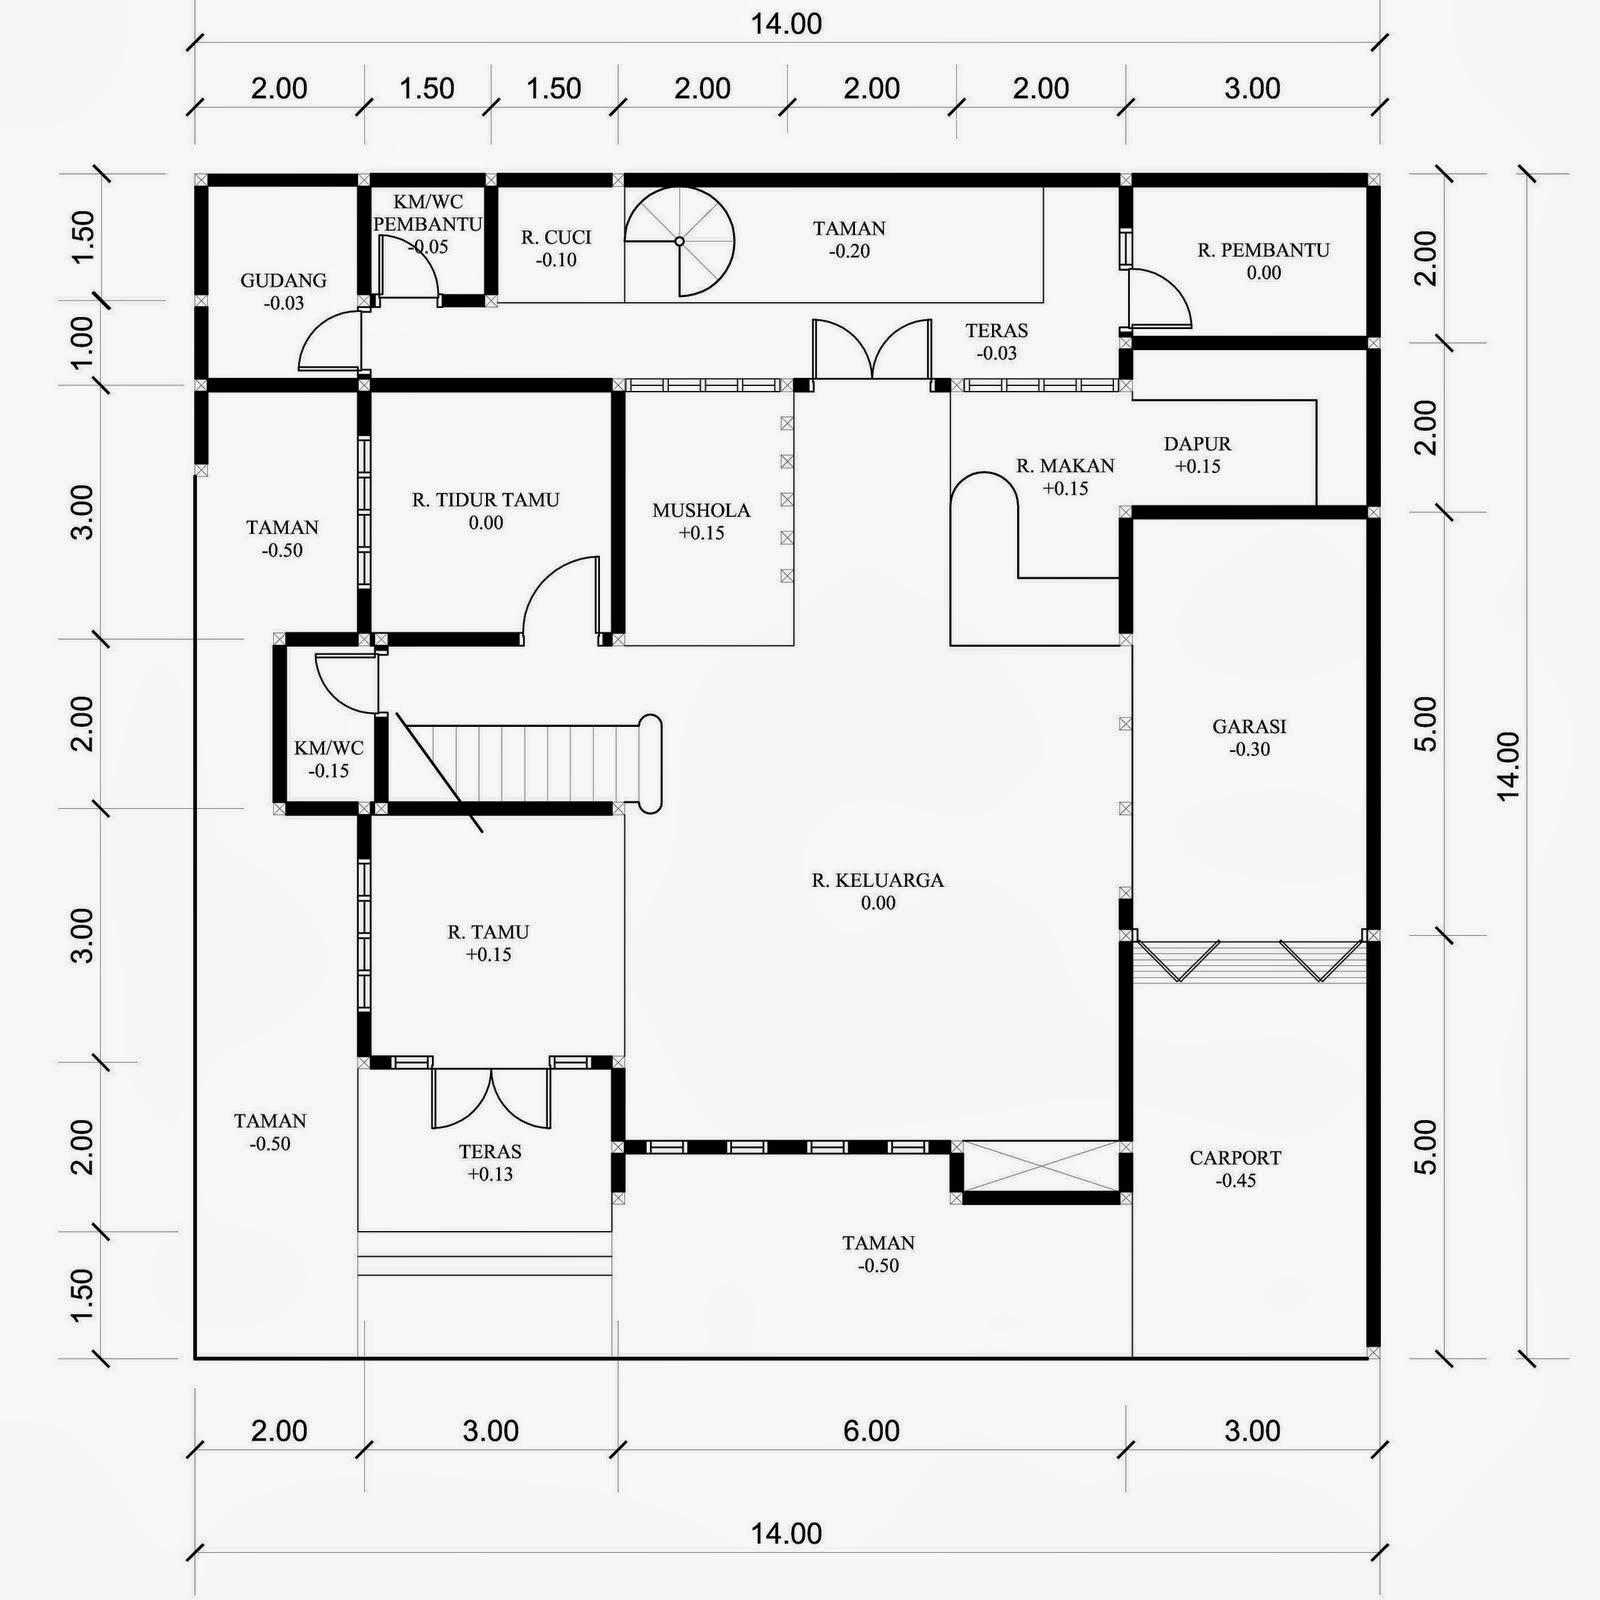 Desain Rumah 2 Lantai Di Tanah Bujur Sangkar Desain Denah Rumah